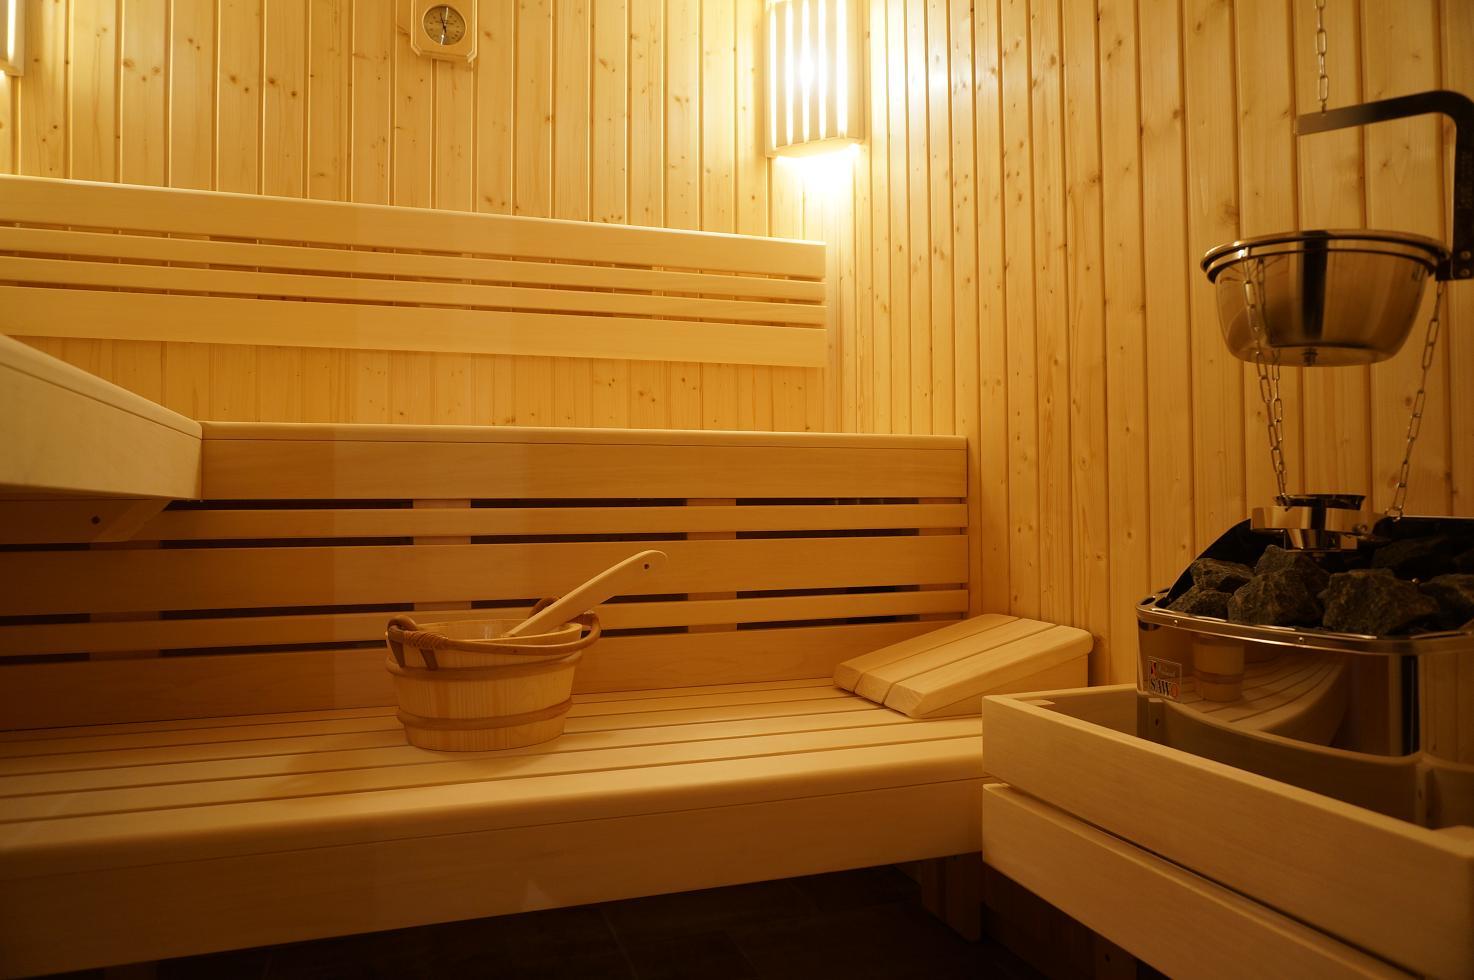 sauna-polewajka do sauny